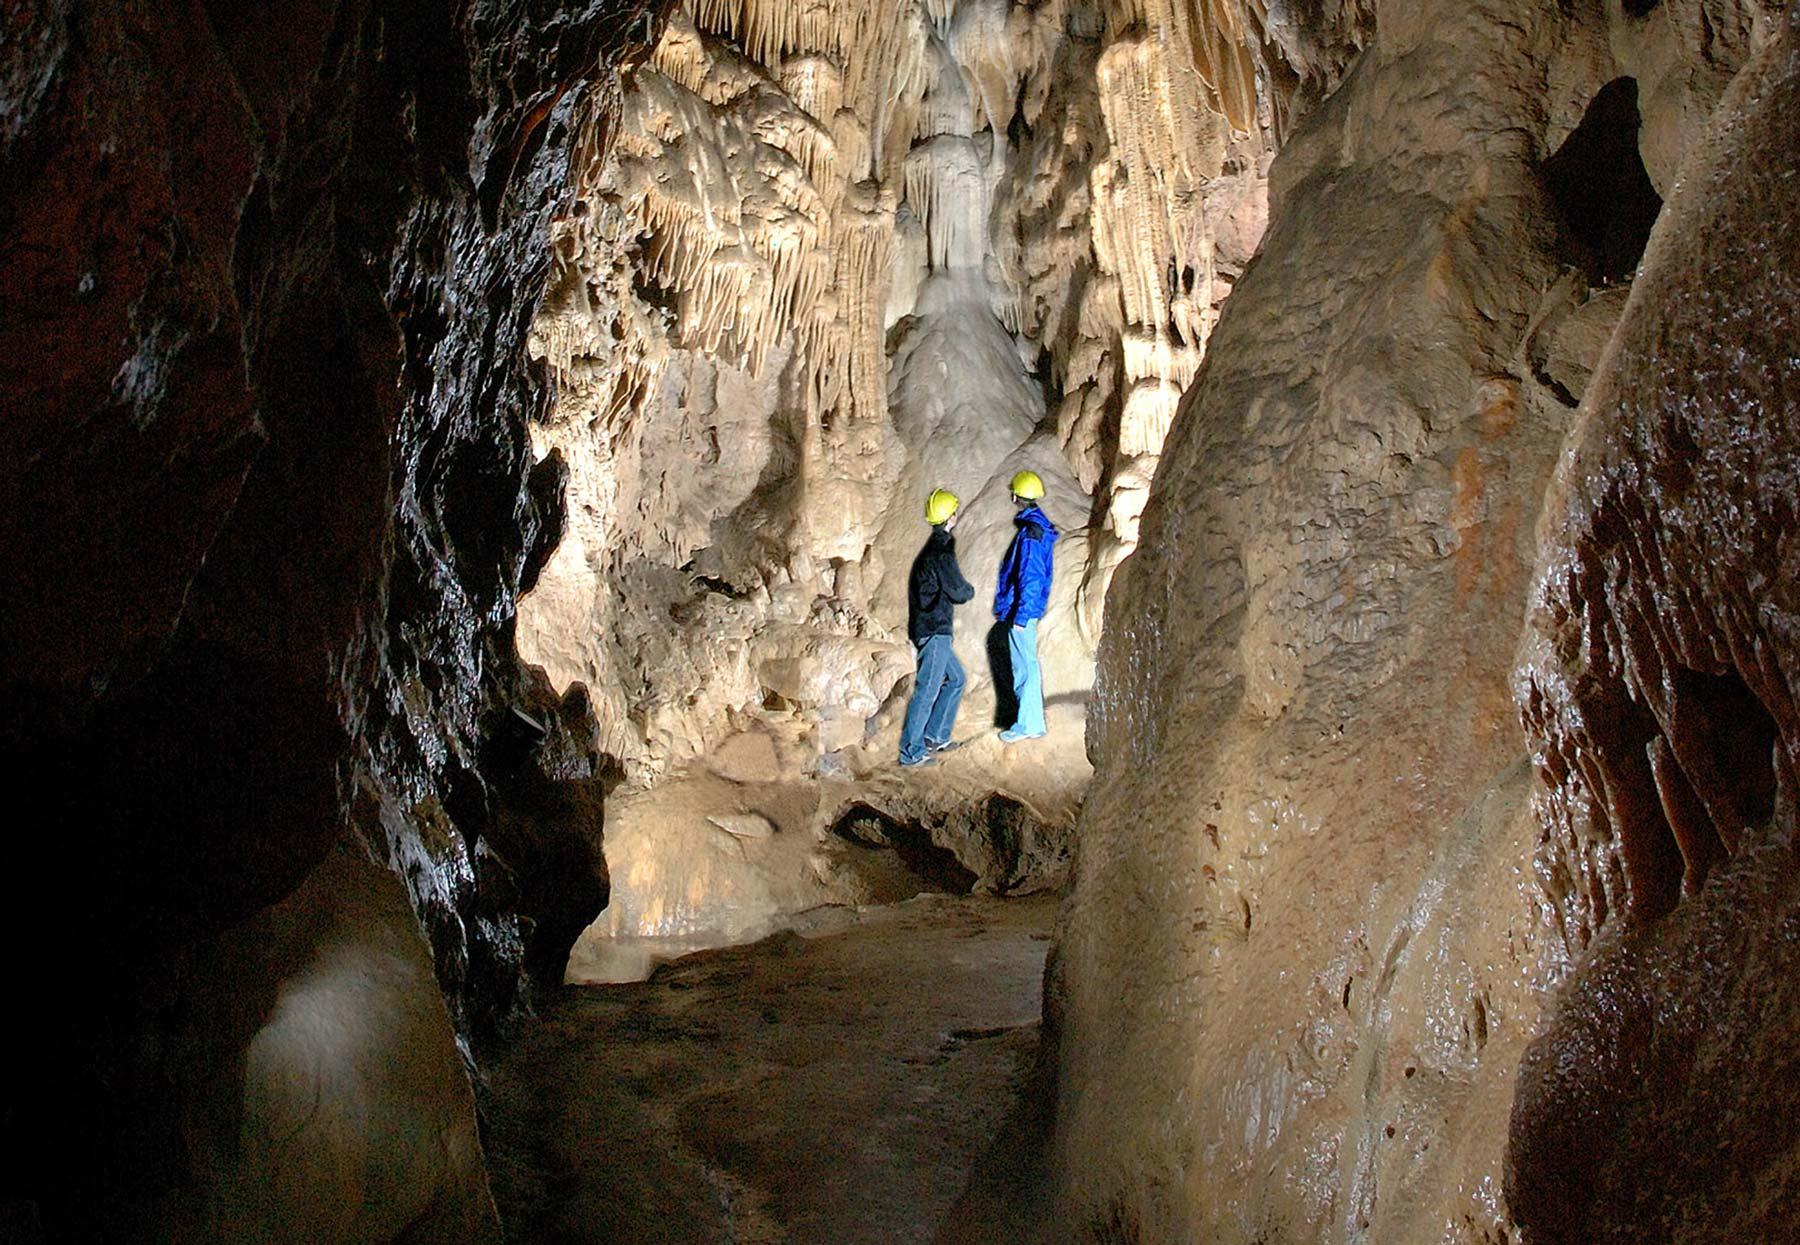 Grotte de Comblain - Salle de la Cascade ©Découvertes de Comblain